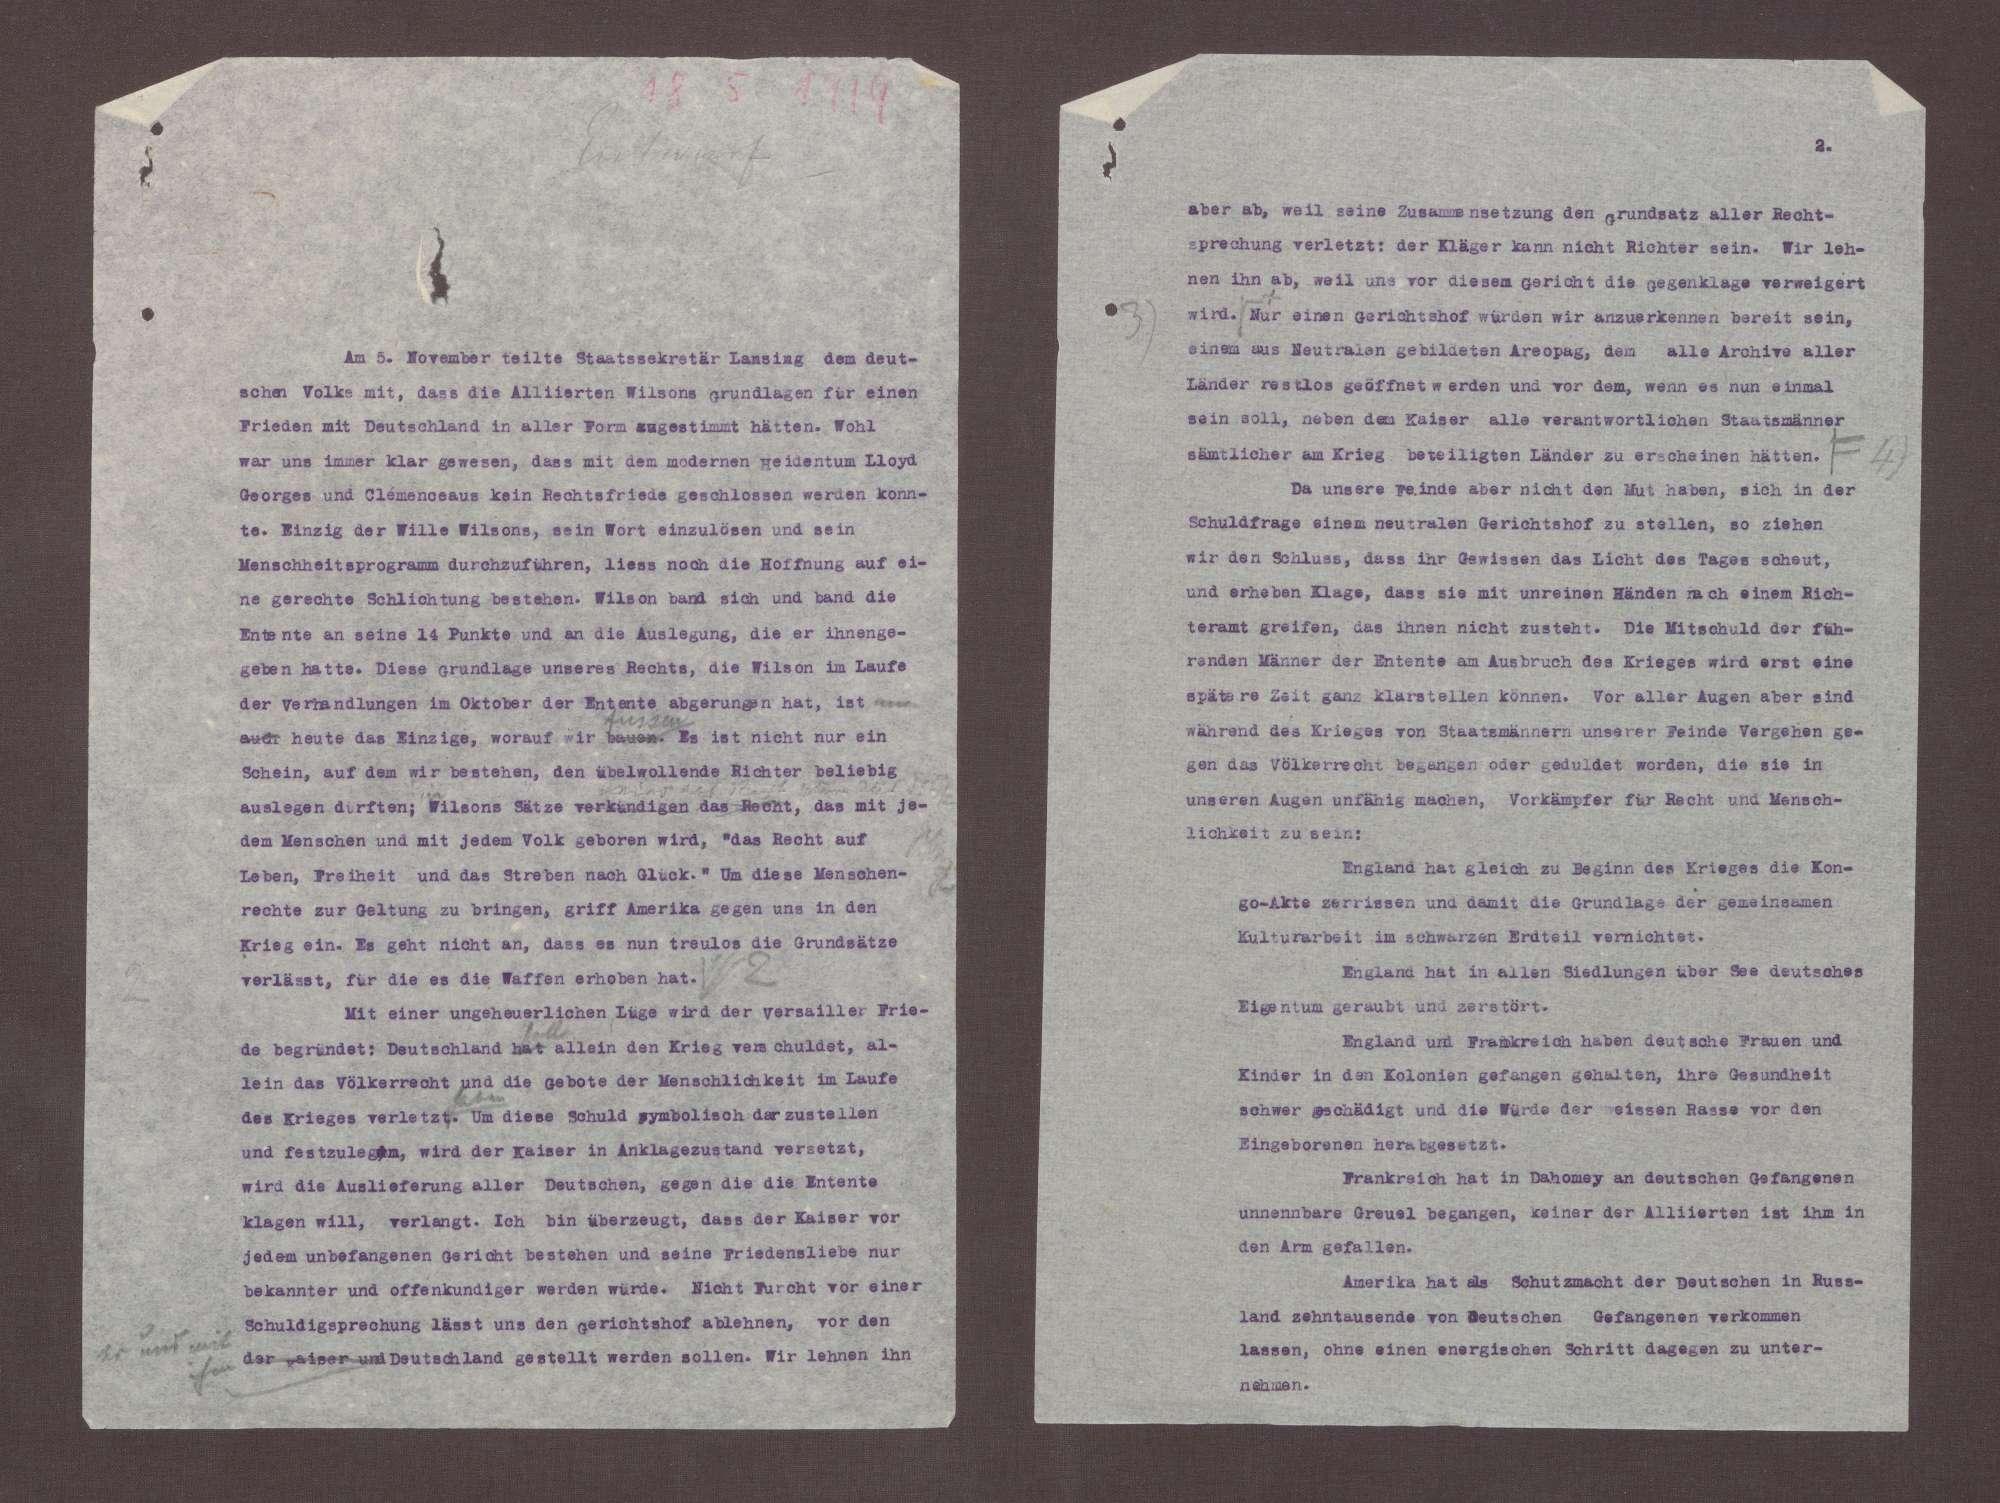 Entwurf eines Artikels für die Badische Landeszeitung über die 14 Punkte von Wilson als Grundlage eines Friedens mit Deutschland, Bild 1